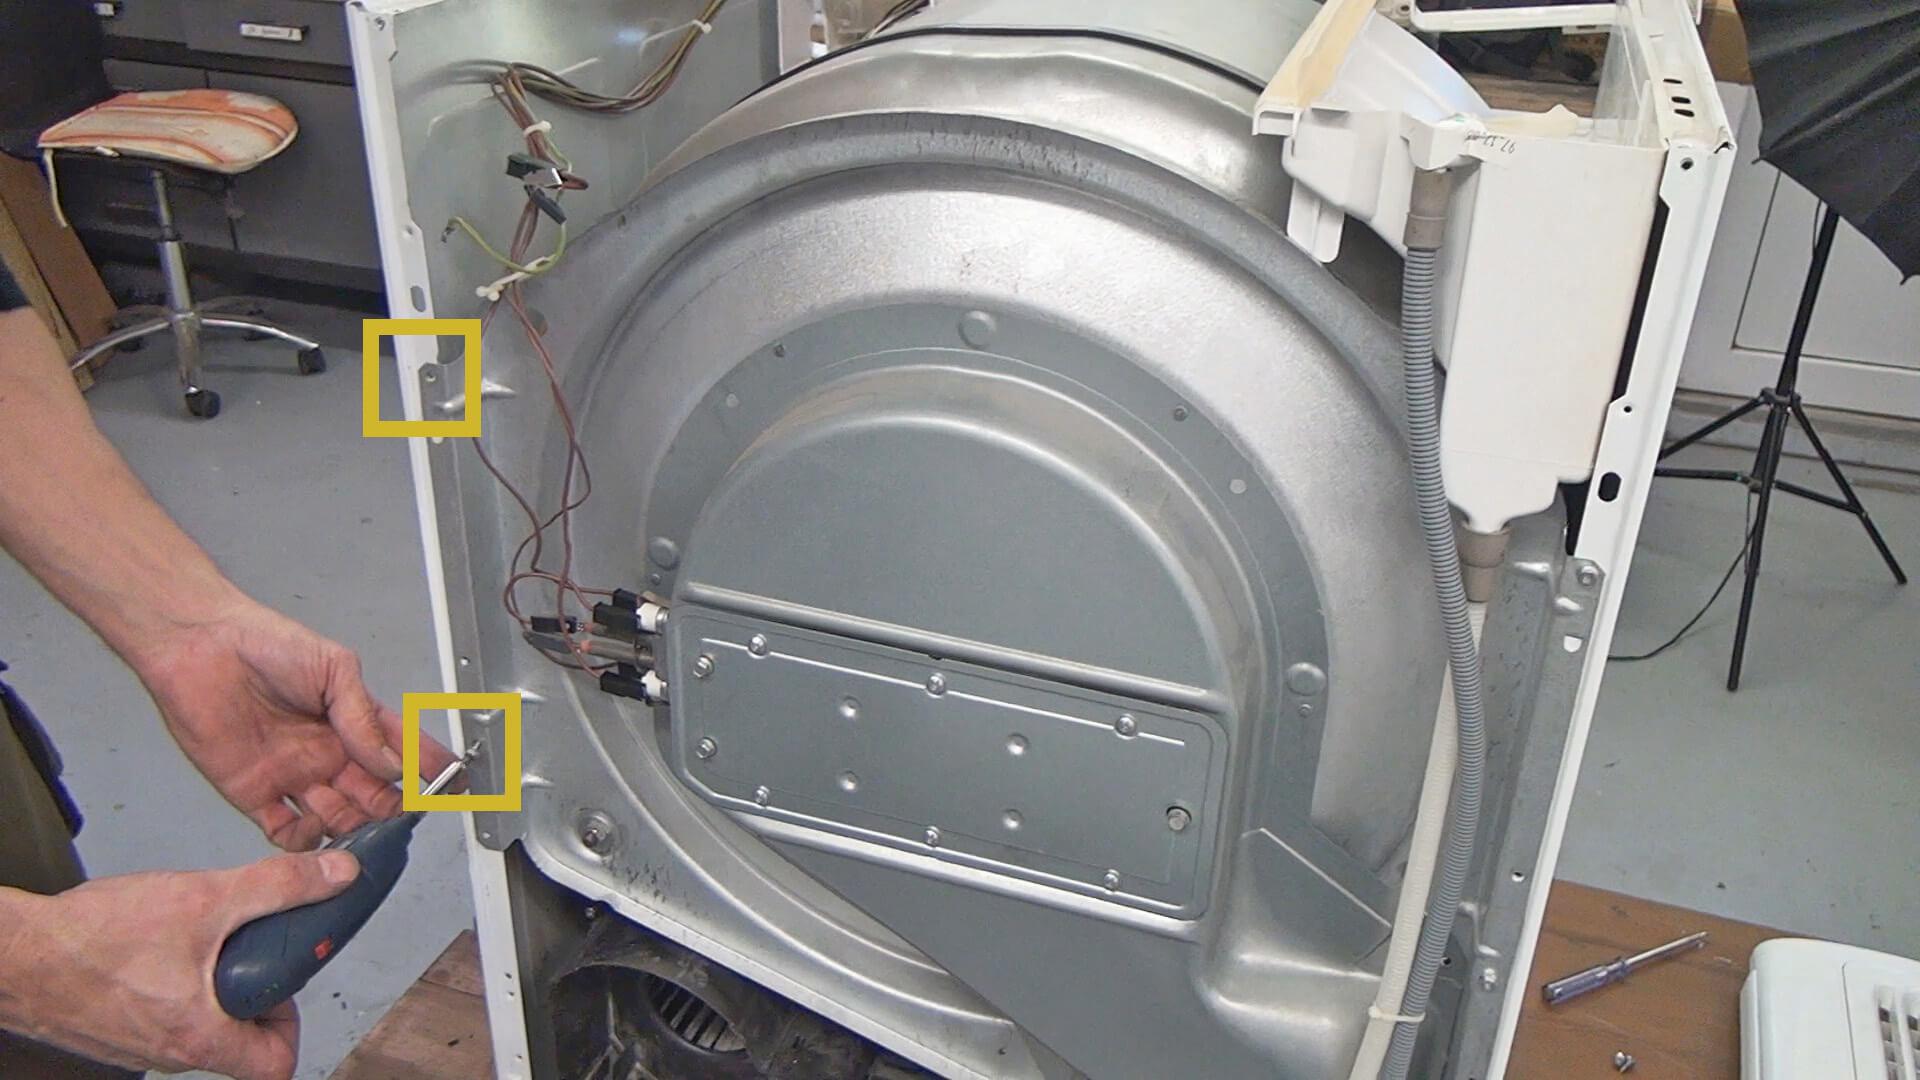 Schrauben der Trommelaufnahme auf der rechten Seite lösen